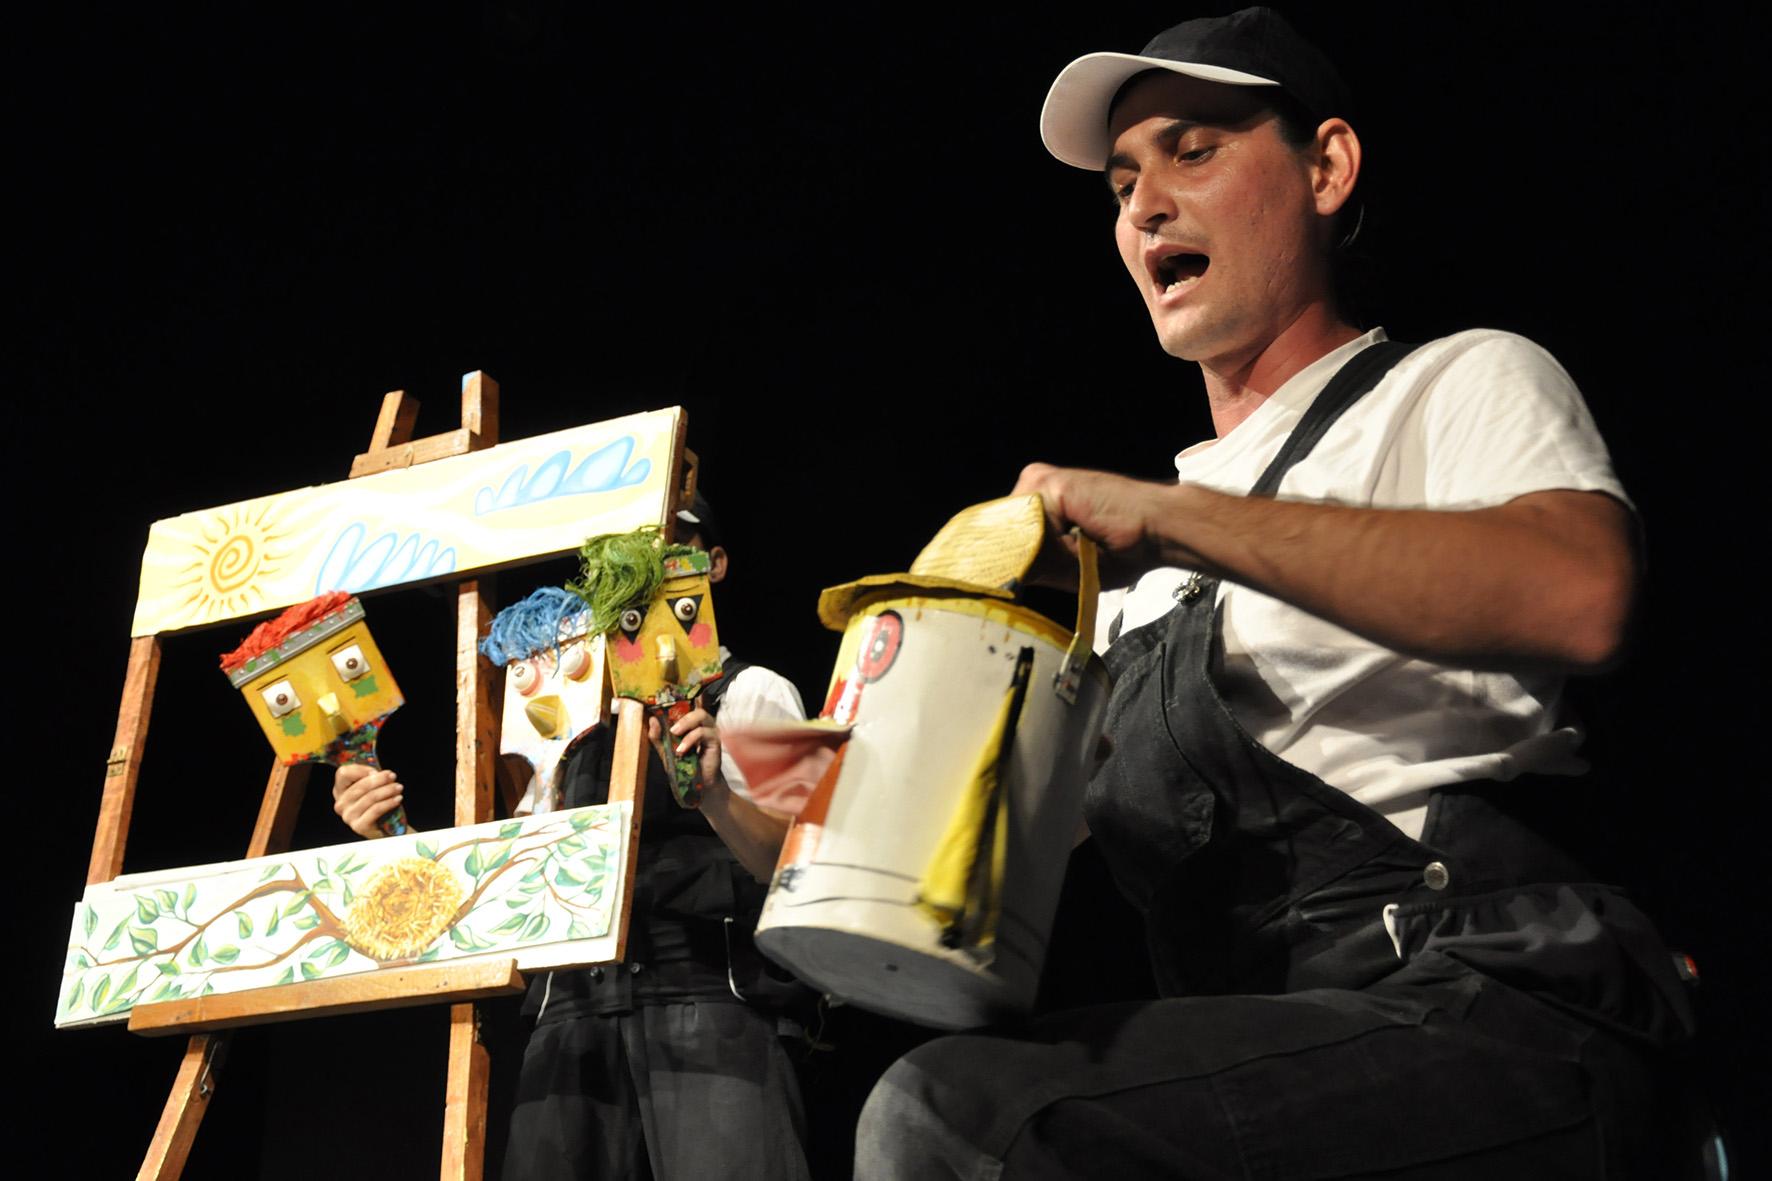 Arttitere - Los pintores - Encerezados 2018 - FCAYC